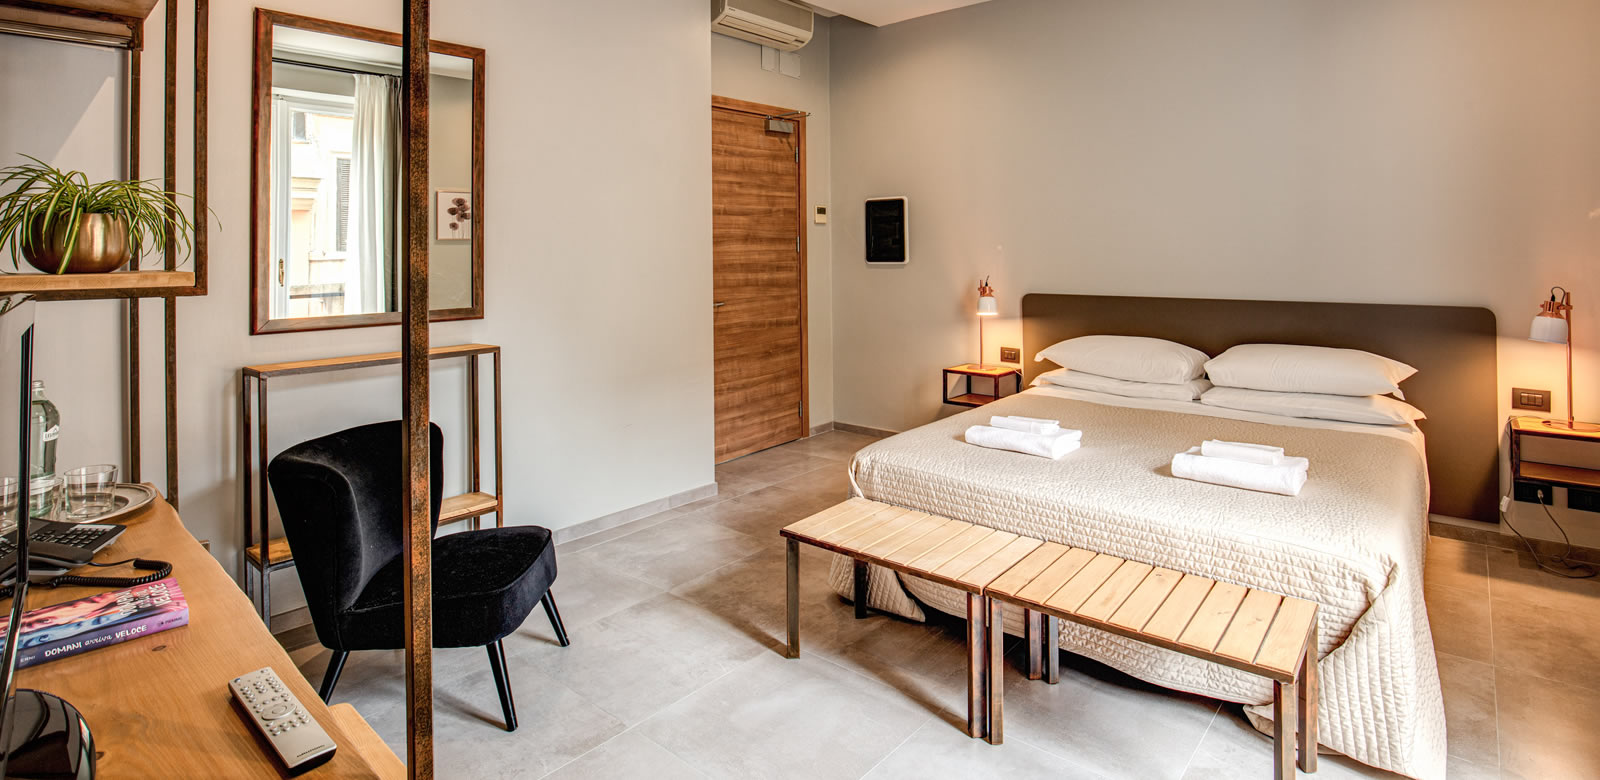 Camera Matrimoniale Per Uso Singolo.Hotel King Roma Sito Ufficiale Miglior Prezzo Garantito